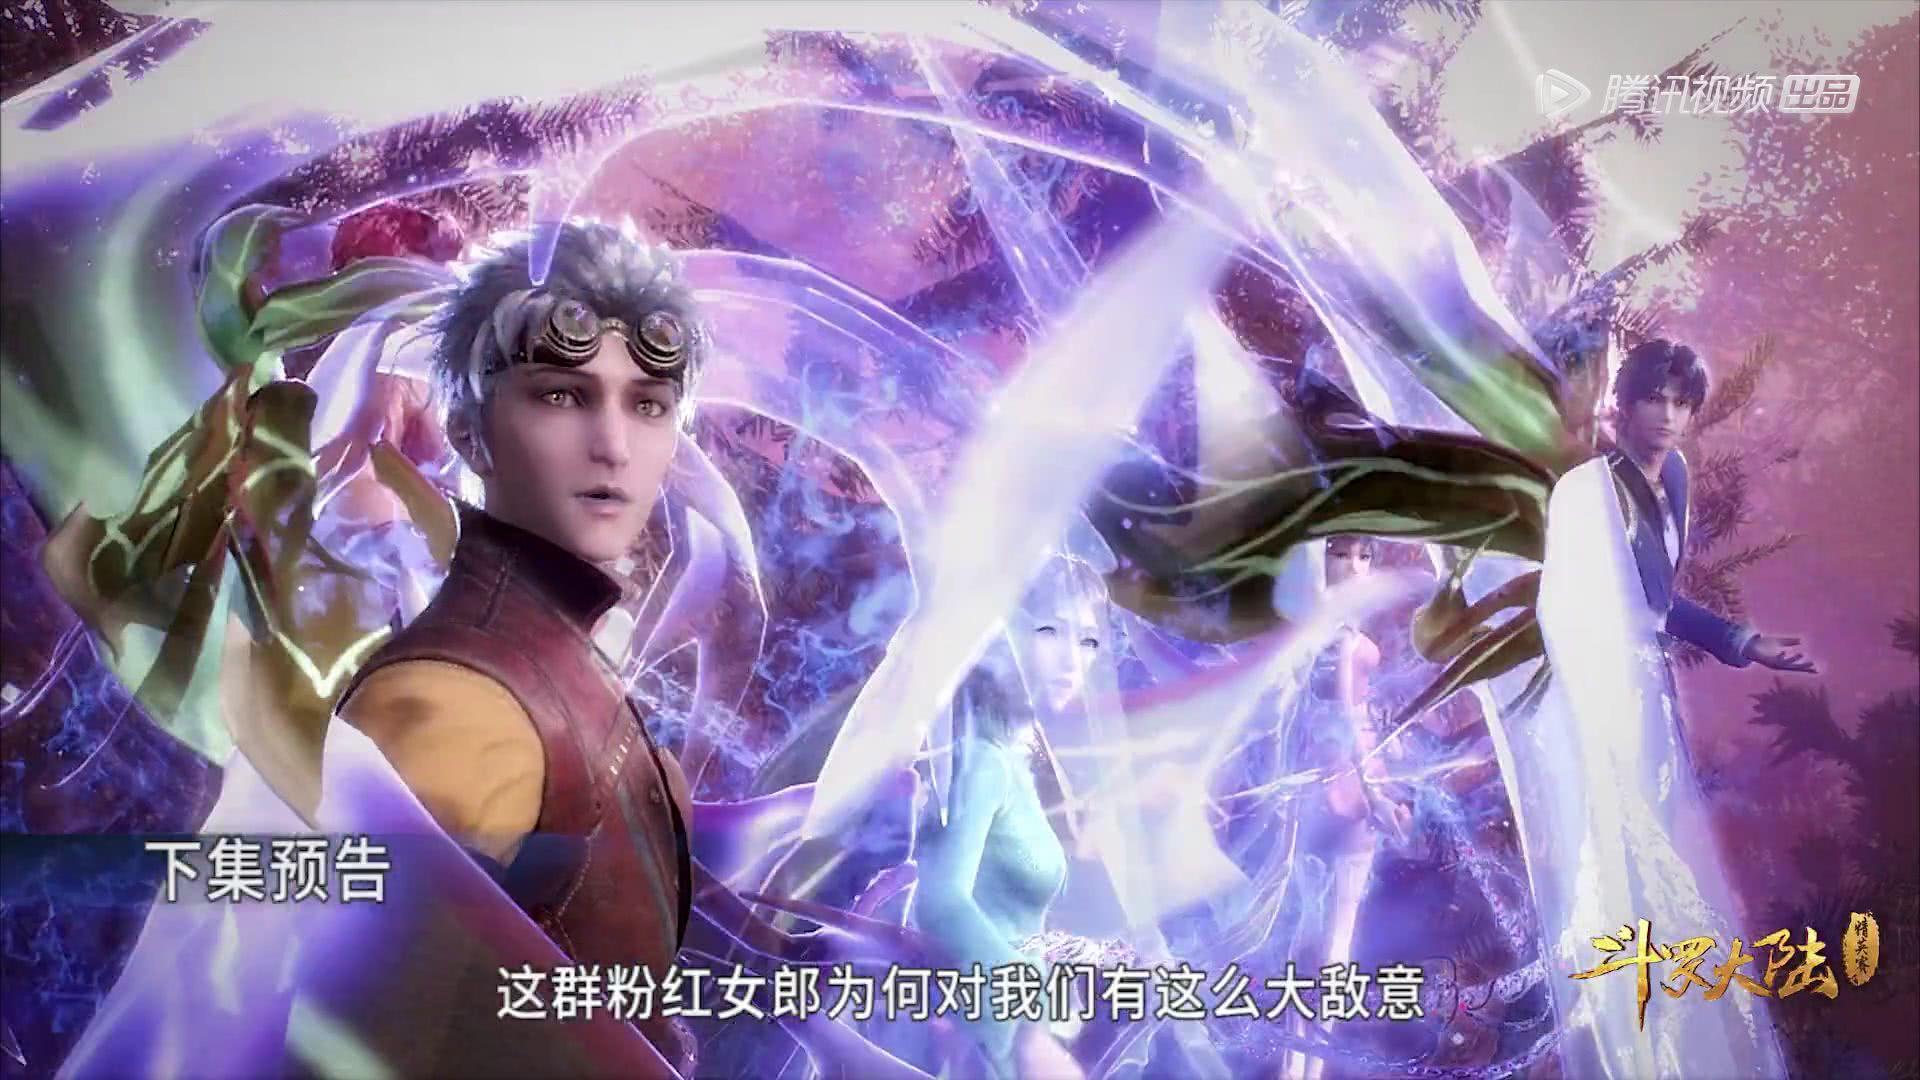 斗罗63集:奥斯卡获取第四魂环,得知魂技效果,宁荣荣反应亮了